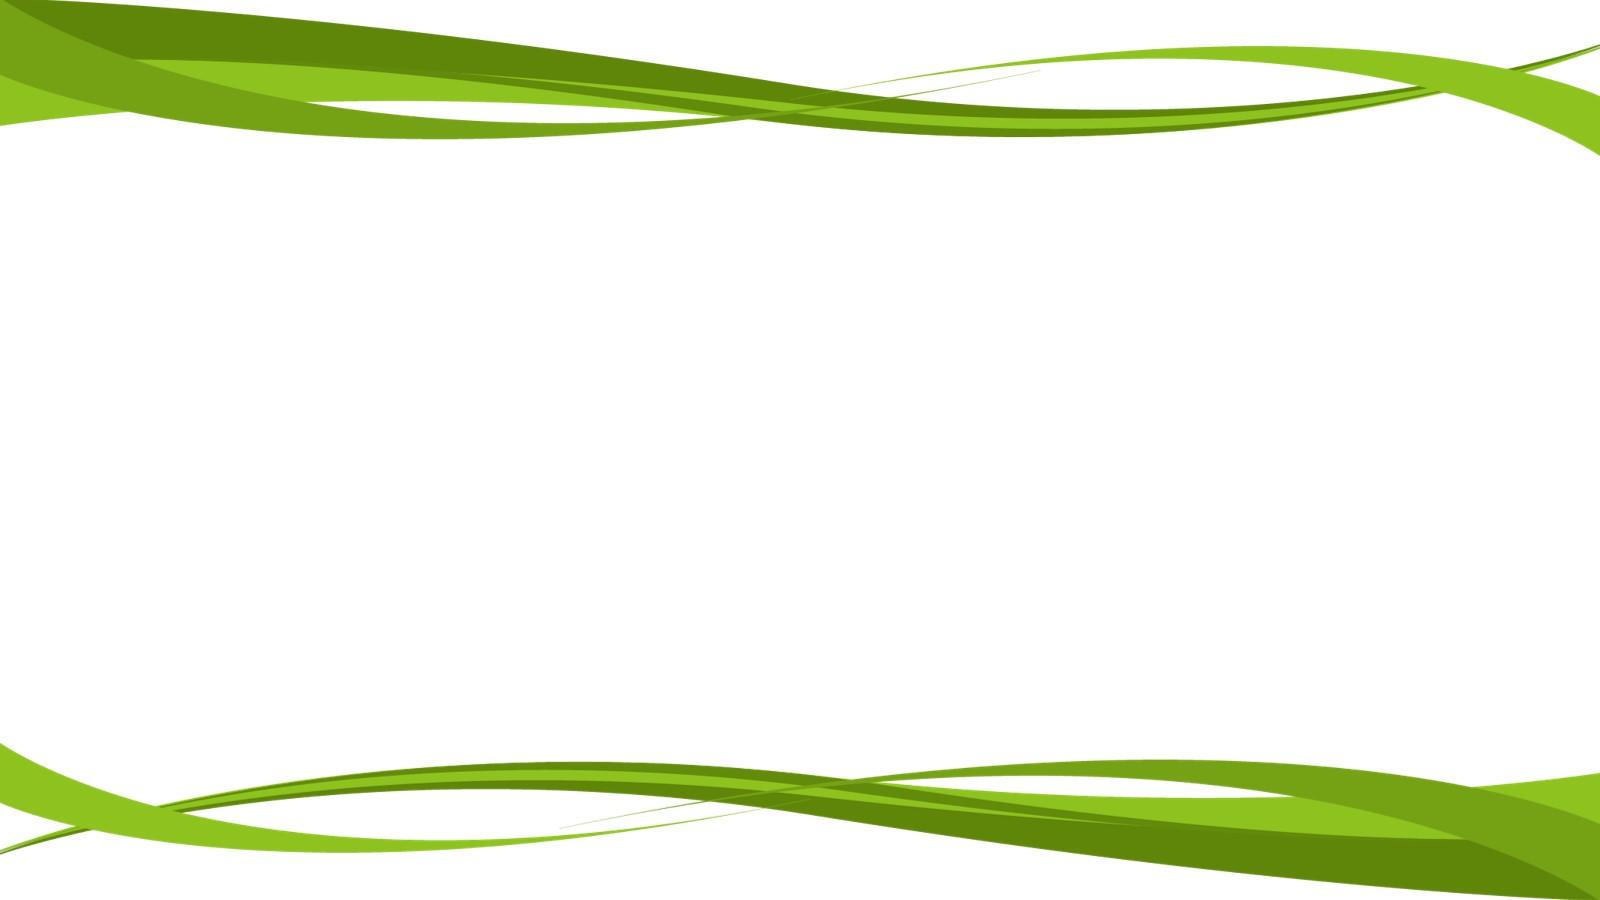 绿色抽象图像PPT背景图片